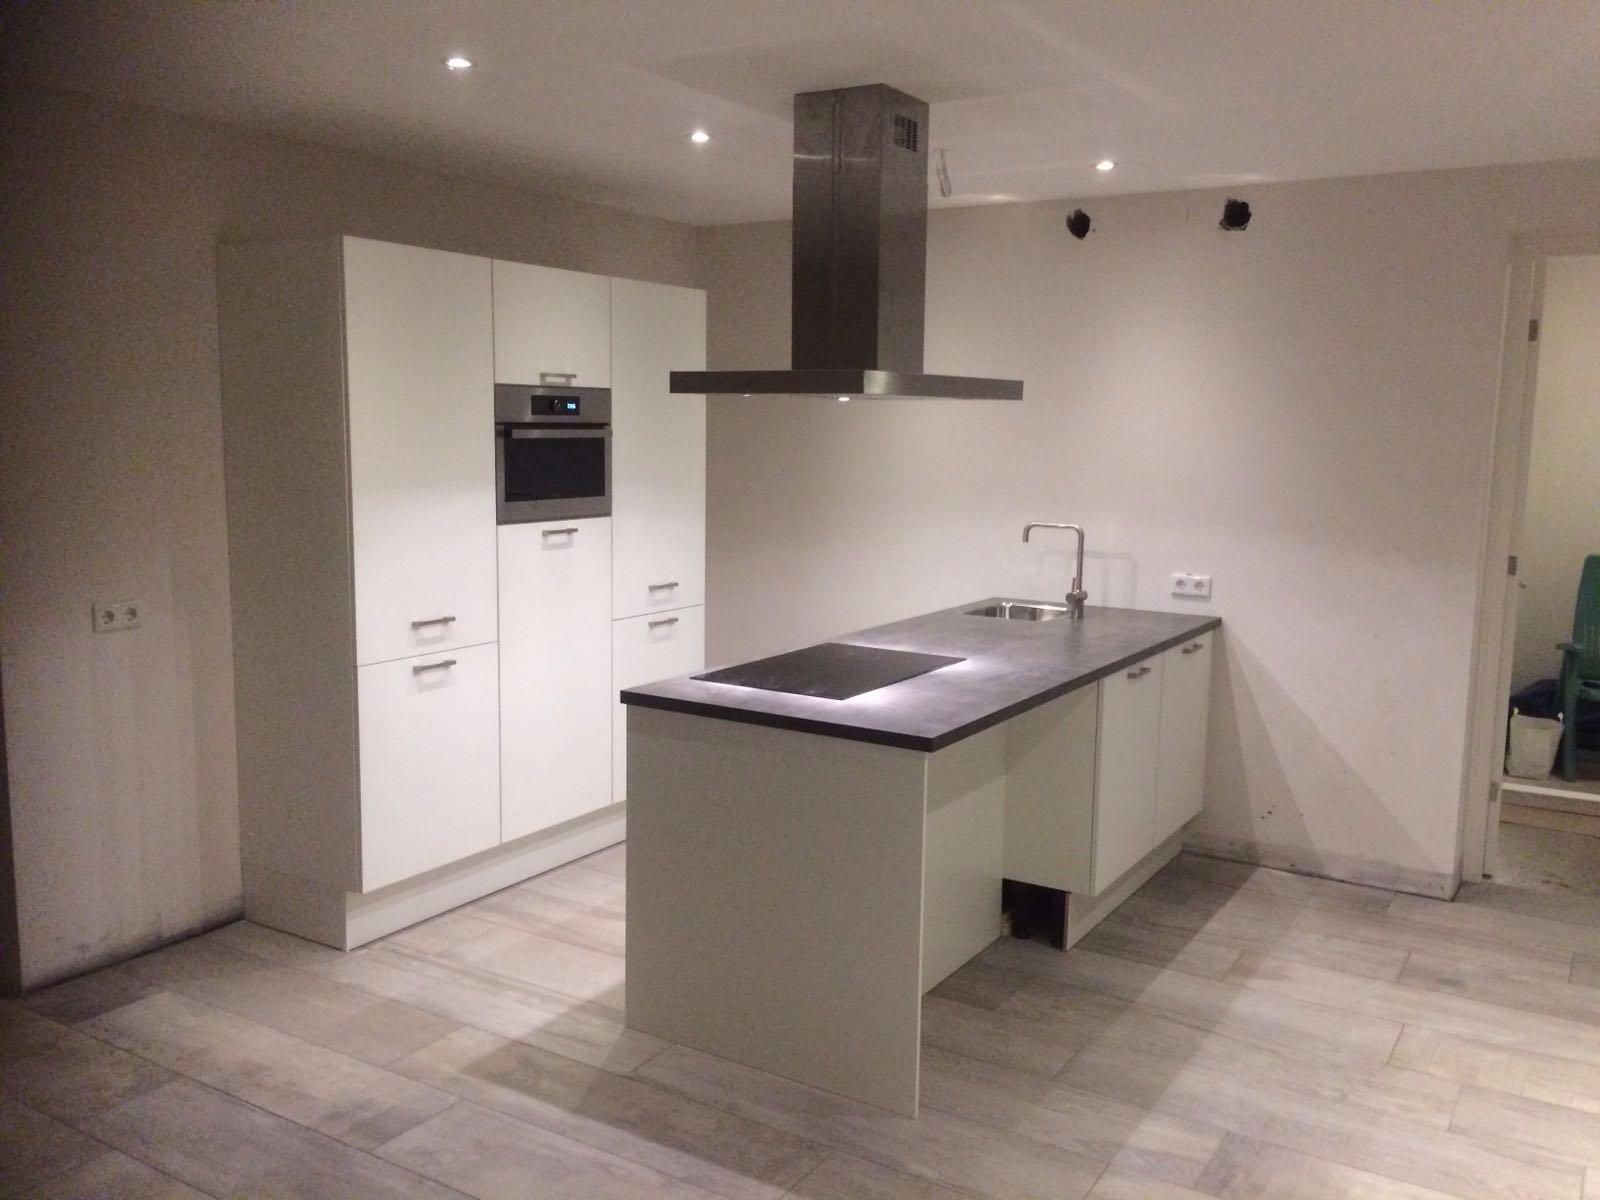 Voorkeur ombouw keuken kastenwand met nissen - Werkspot FO12